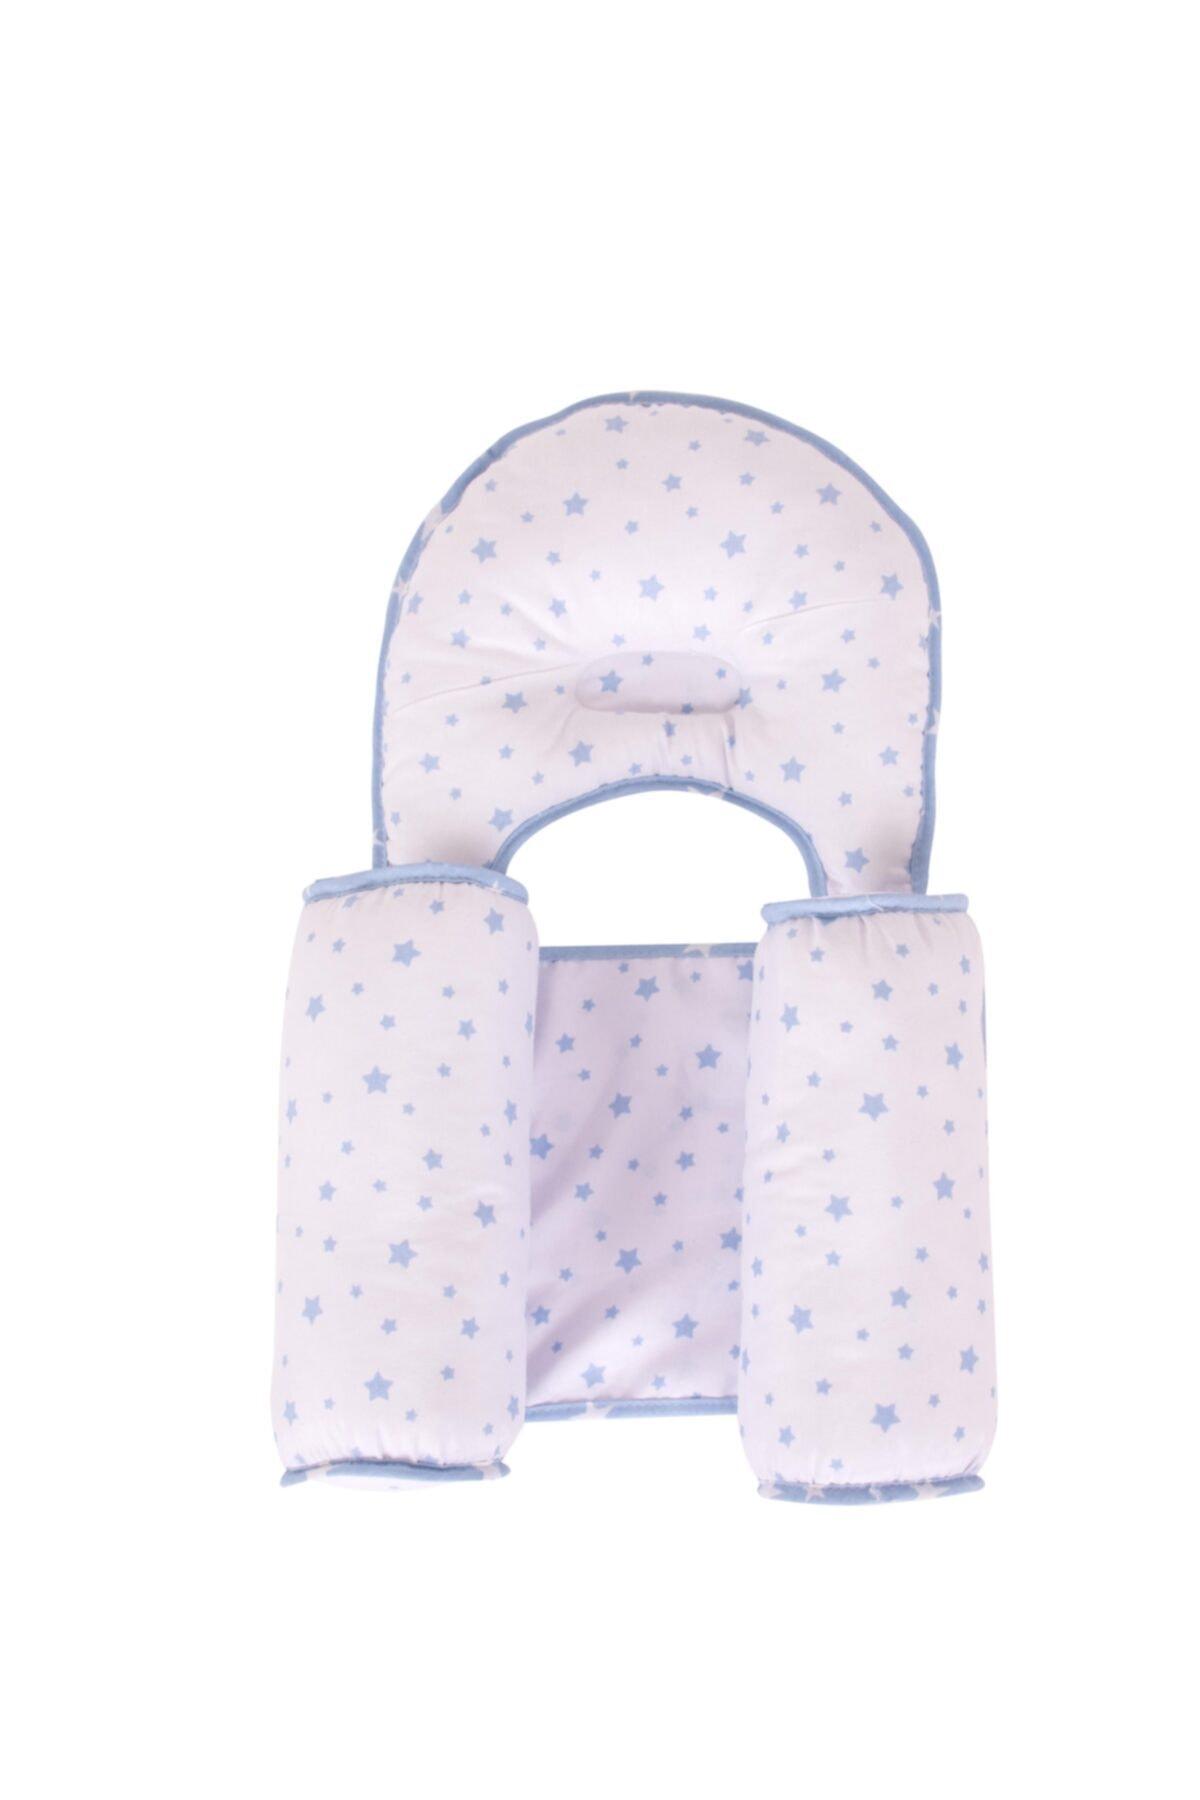 Sevi Bebe Kafa Şekillendirici Yastık Yan Yatış Yastığı Art-33 Mavi Yıldız 2